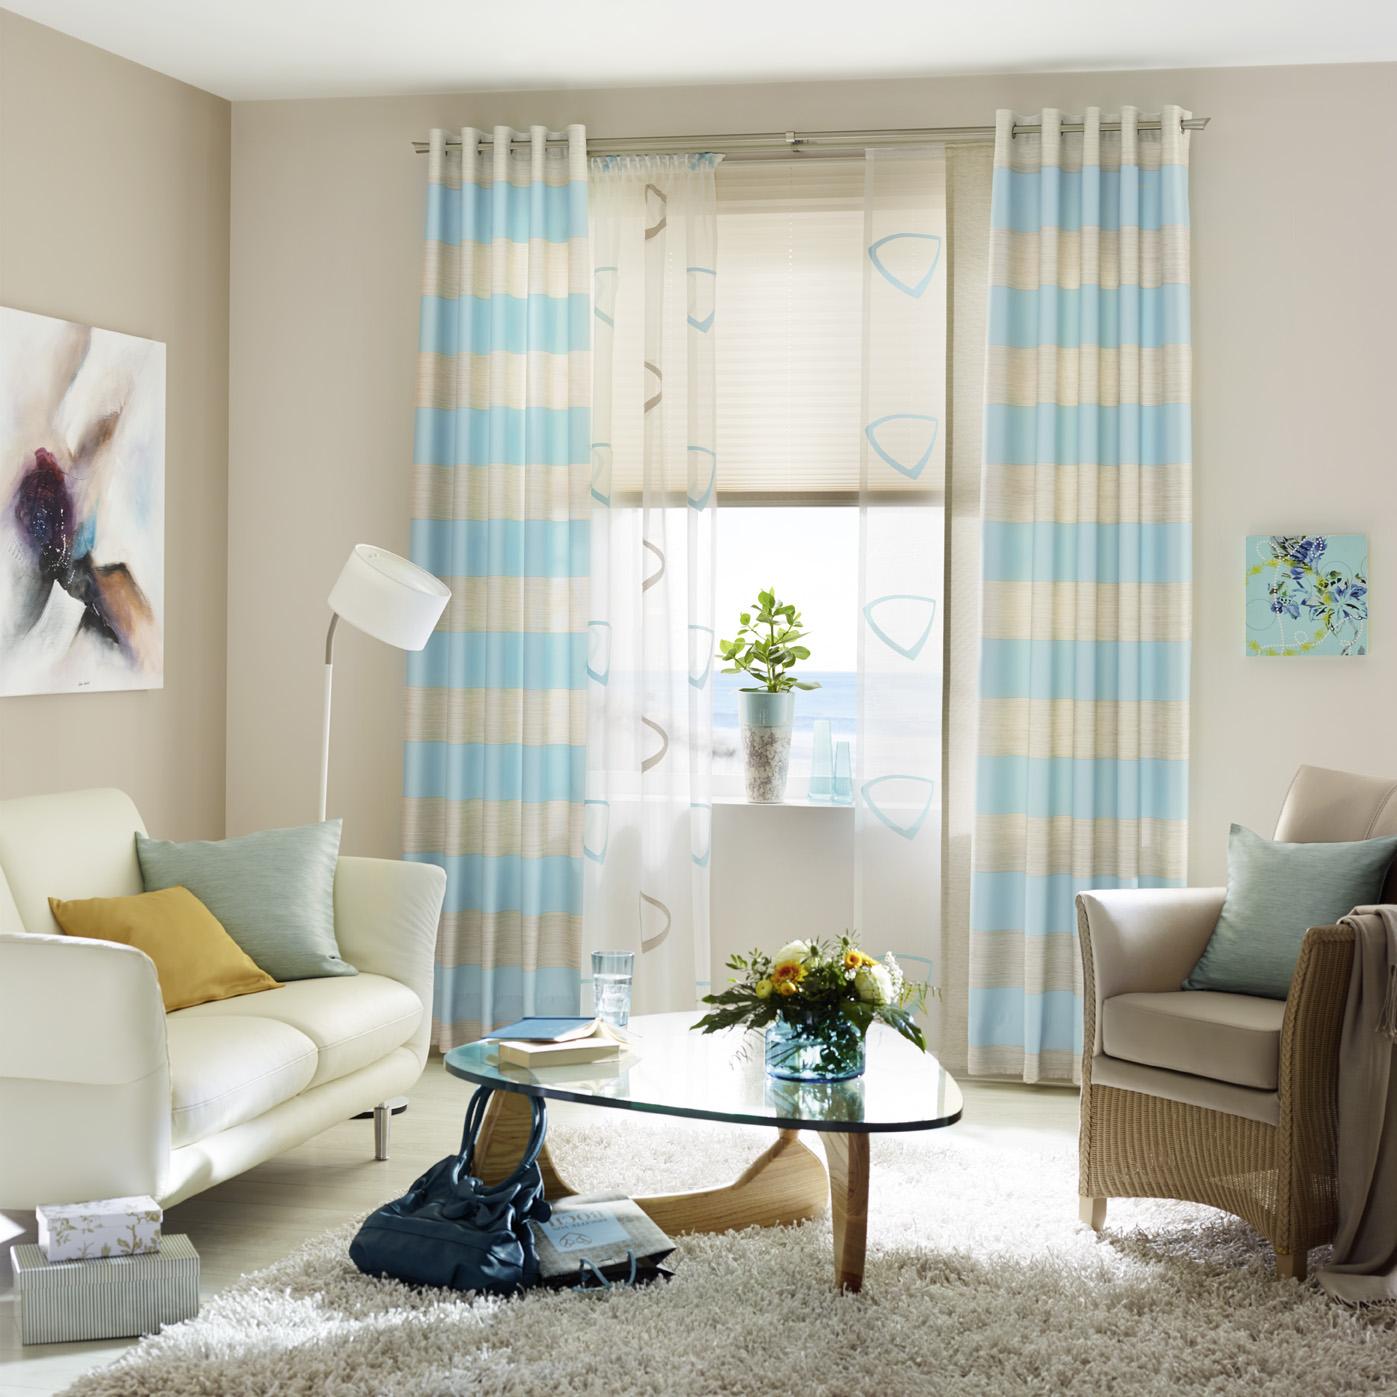 sen und schlaufengardinen die gardine. Black Bedroom Furniture Sets. Home Design Ideas